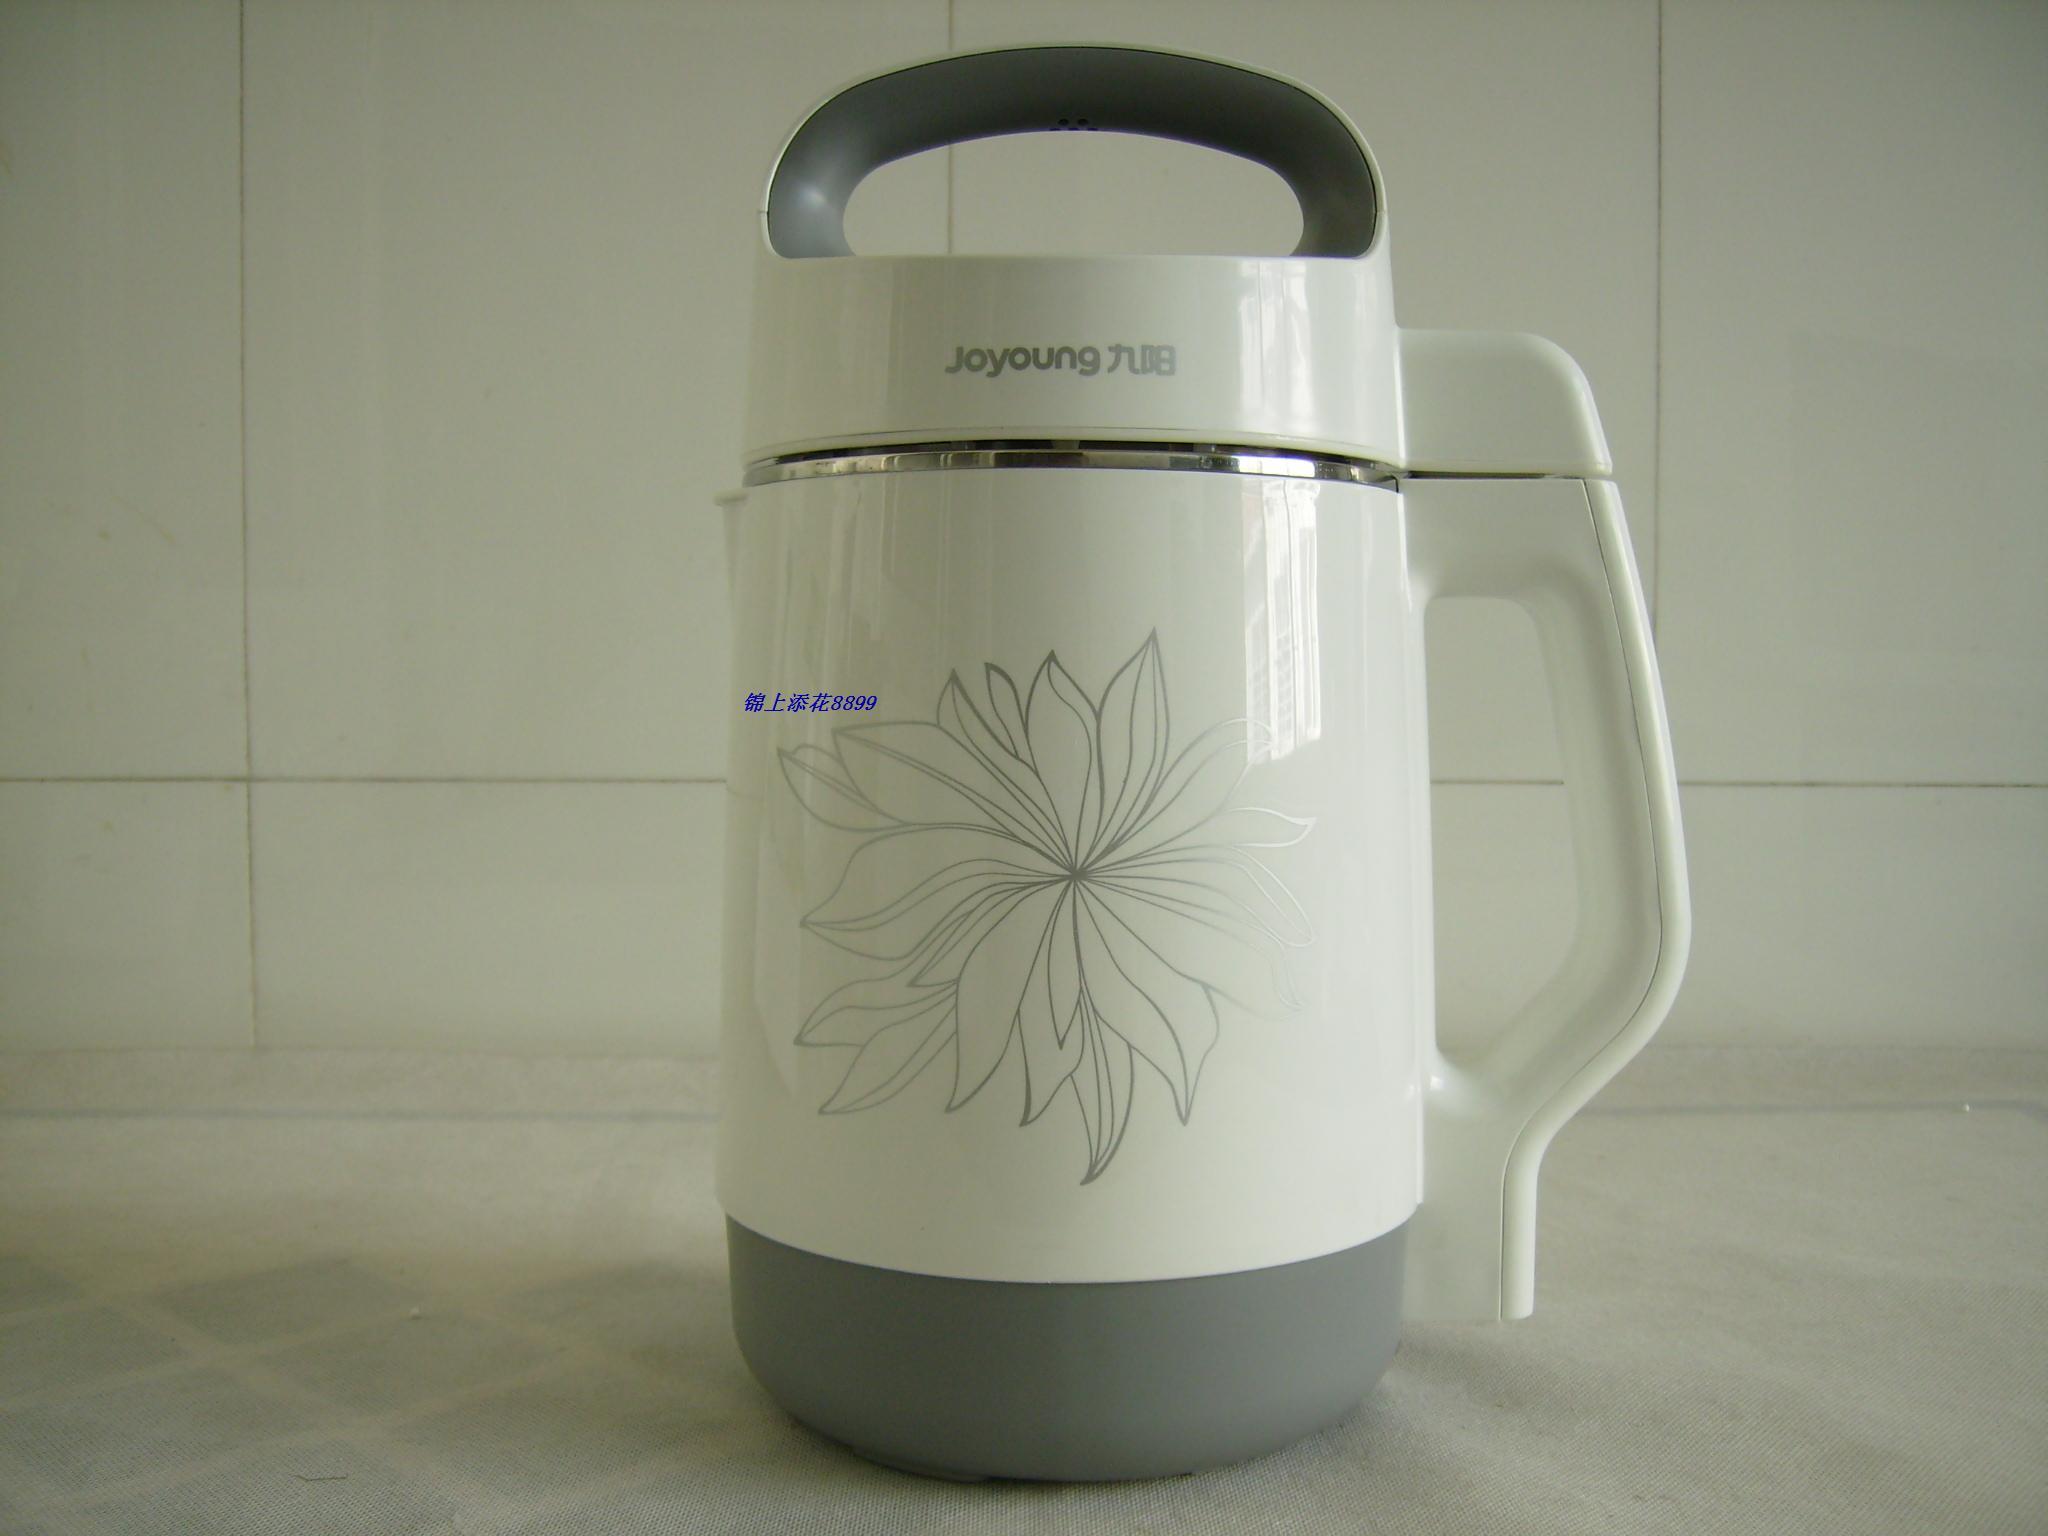 豆浆机的使用有哪些步骤 豆浆机的品牌有哪些